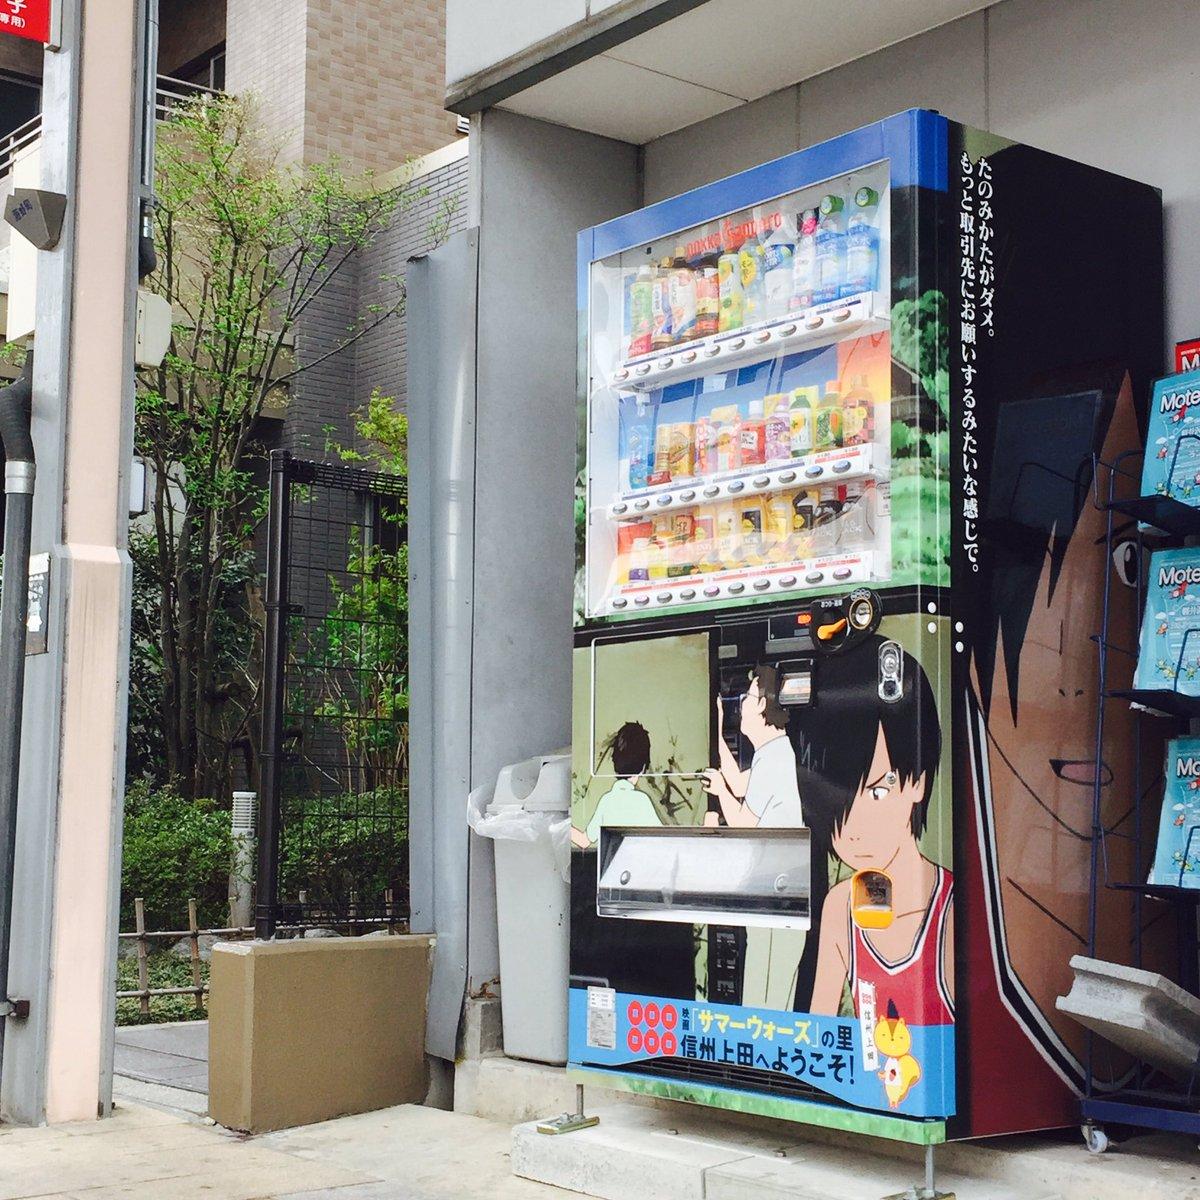 #サマーウォーズ 自販機。#上田市 内にあと何箇所かあるよ。探してみて(*´ω`*)#信州上田